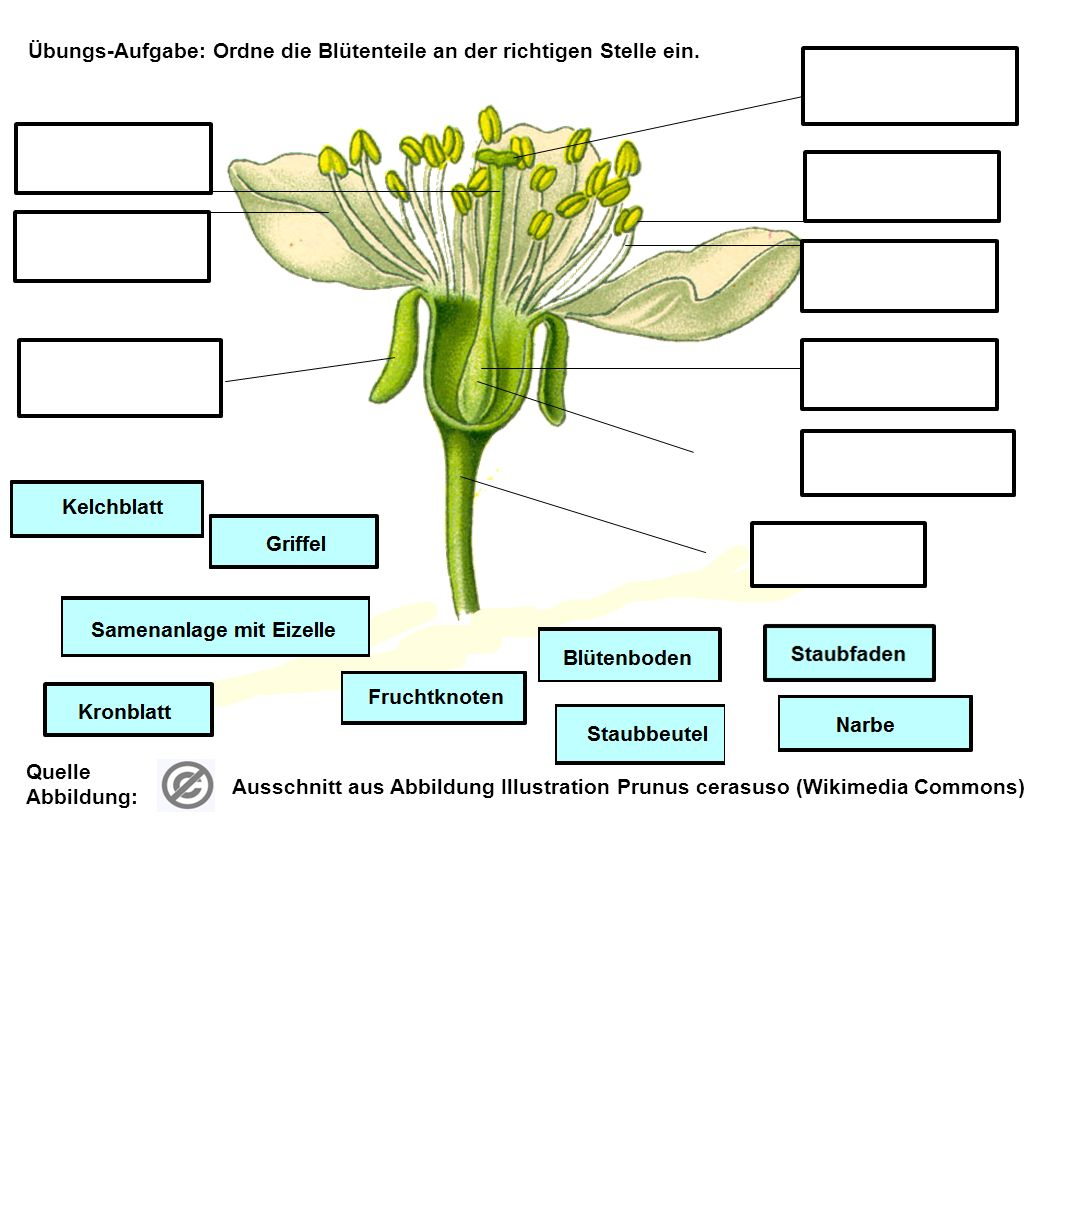 Übungs-Aufgabe: Ordne die Blütenteile an der richtigen Stelle ein.